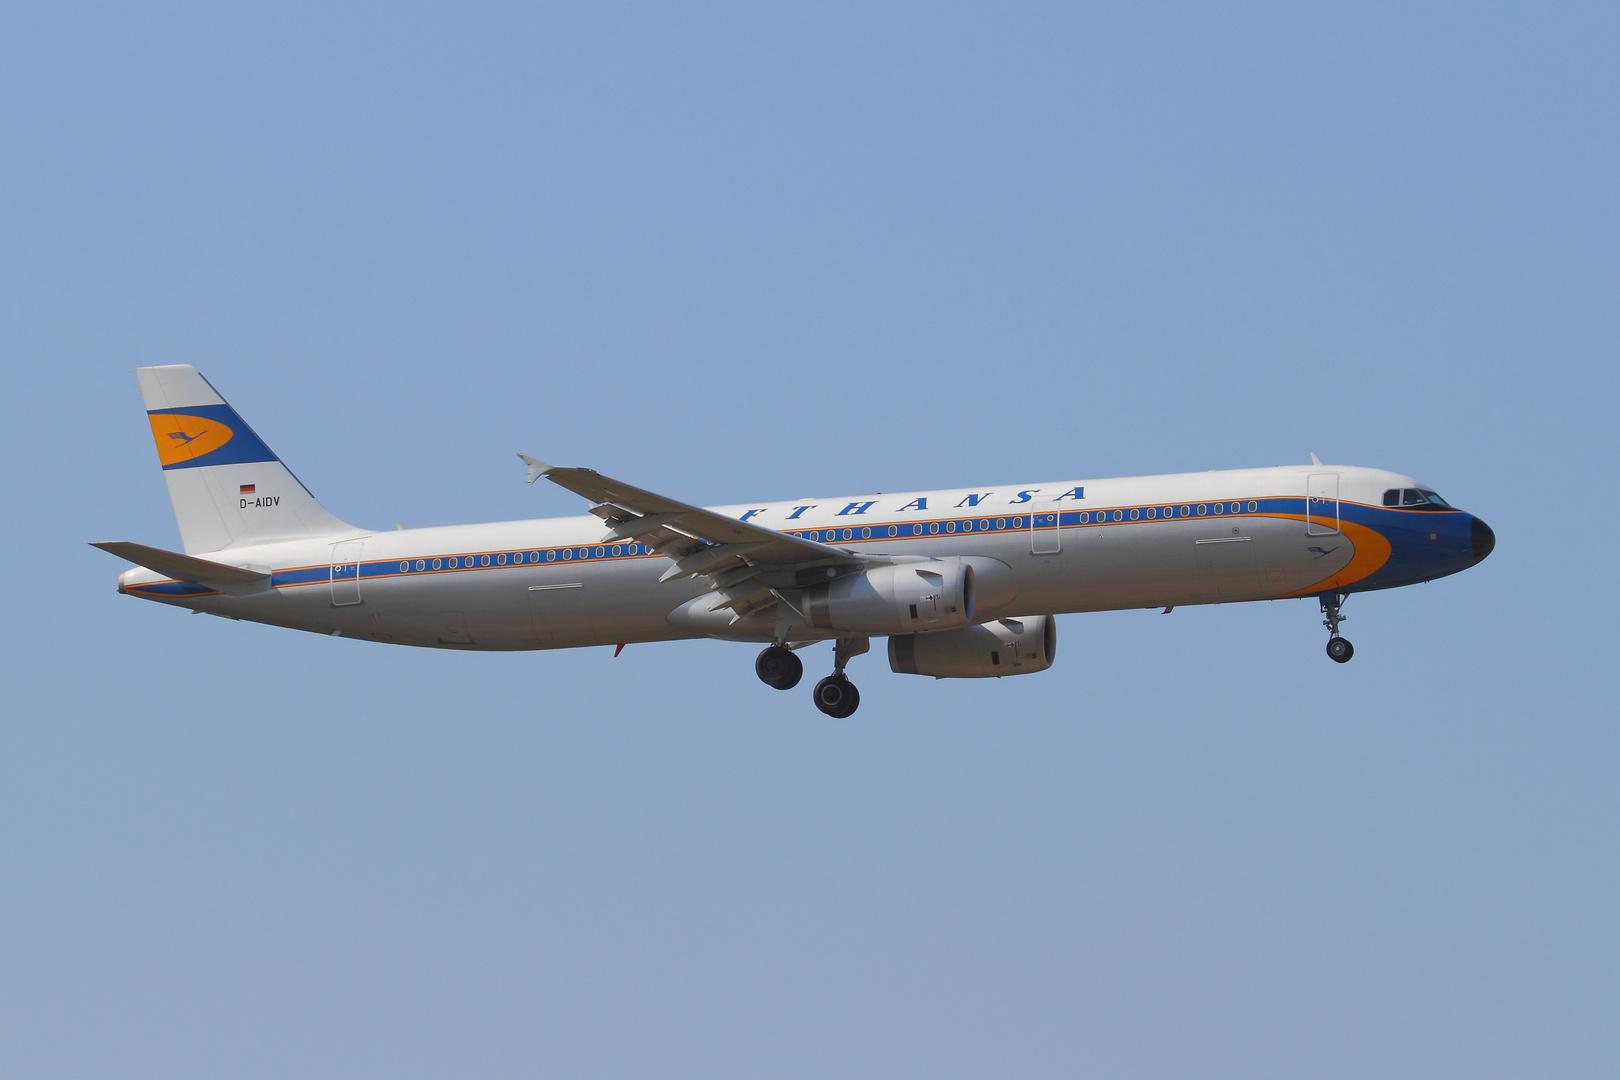 Airbus A321-231 Lufthansa